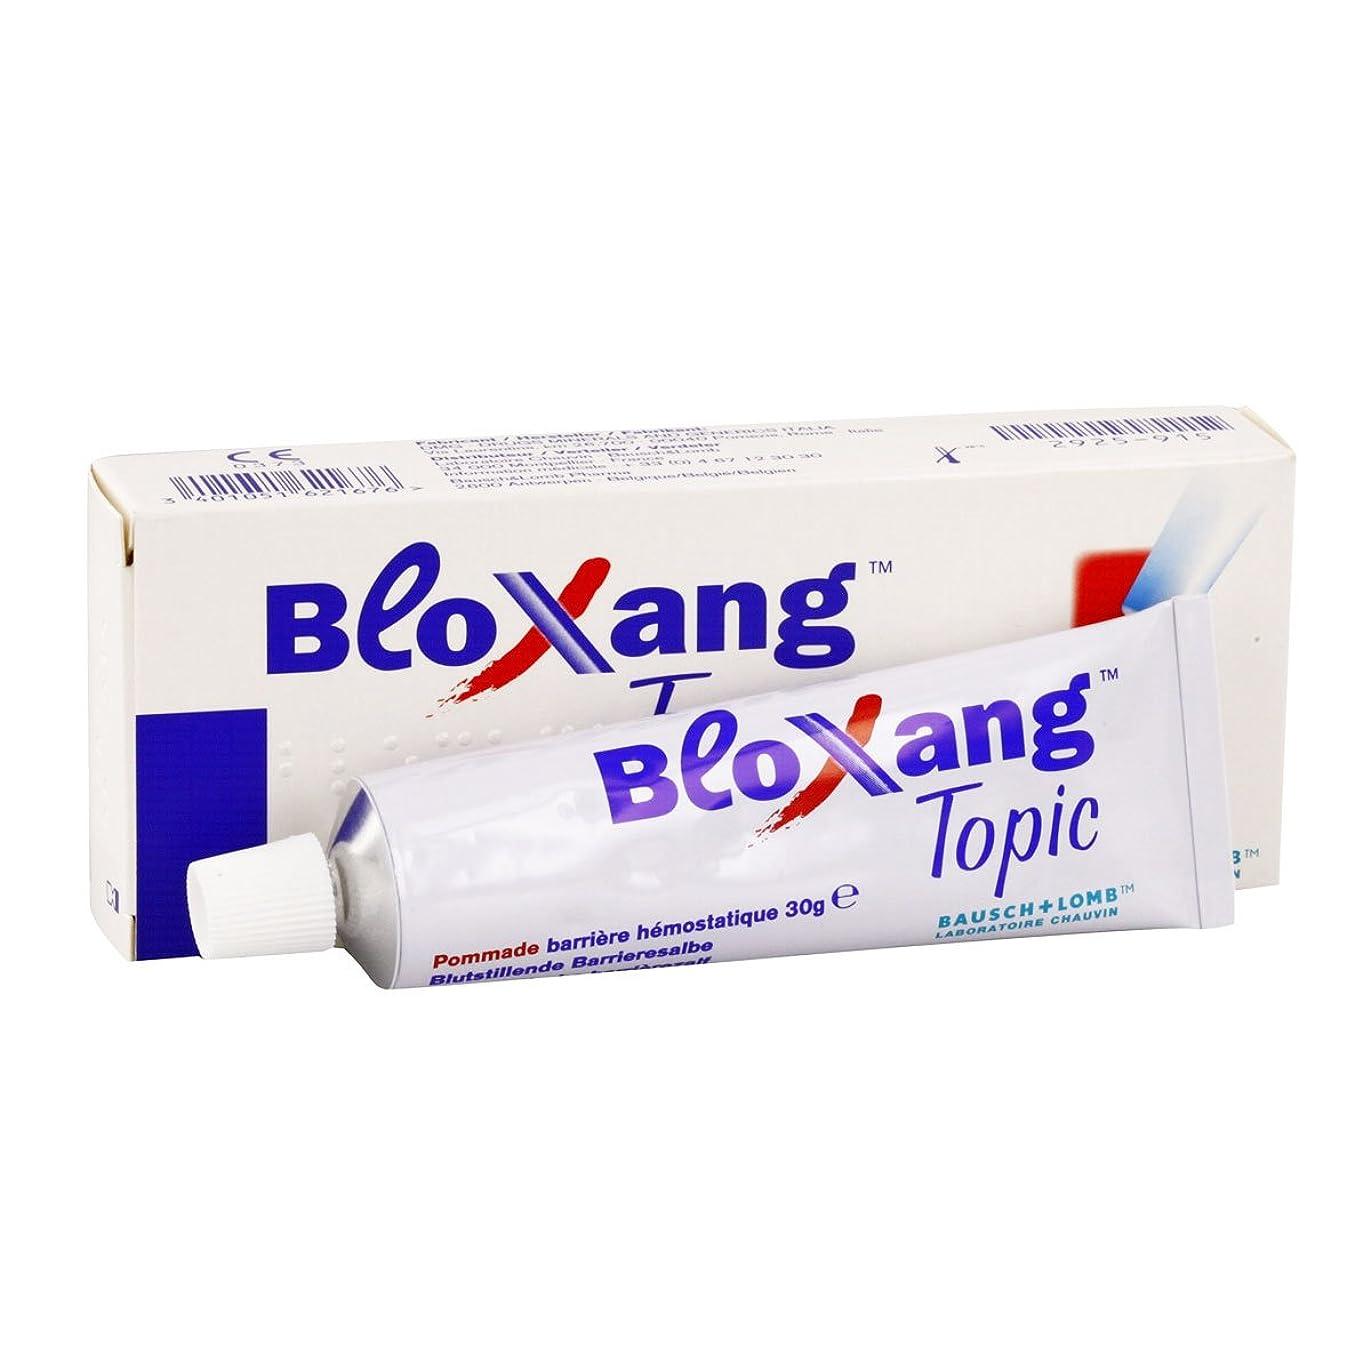 データムピンチ警察署Bloxang Ointment Hemostatic Barrier 30g [並行輸入品]